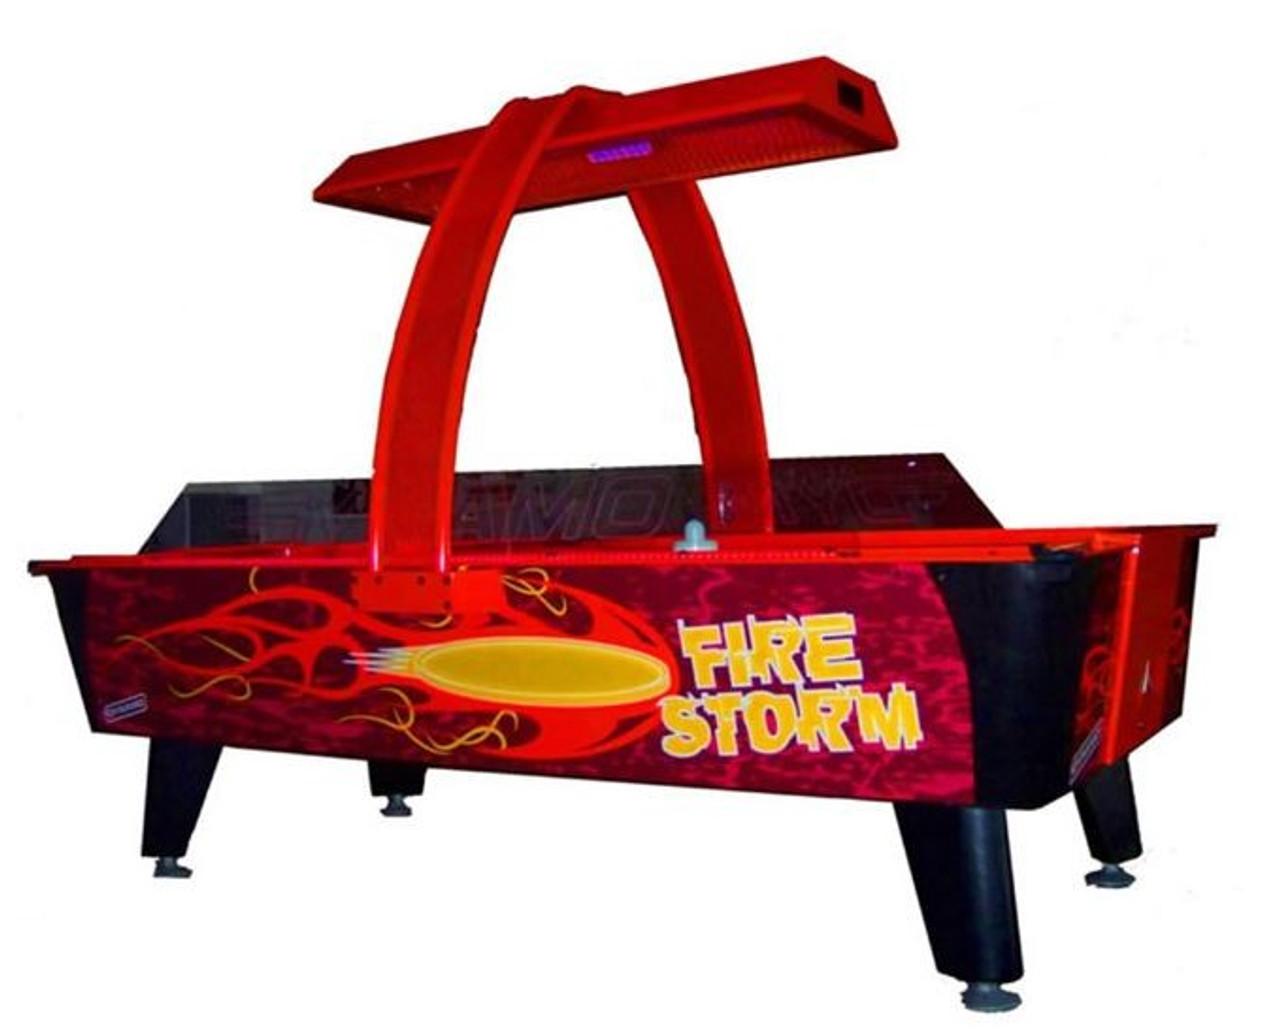 Dynamo Fire Storm Air Hockey Table